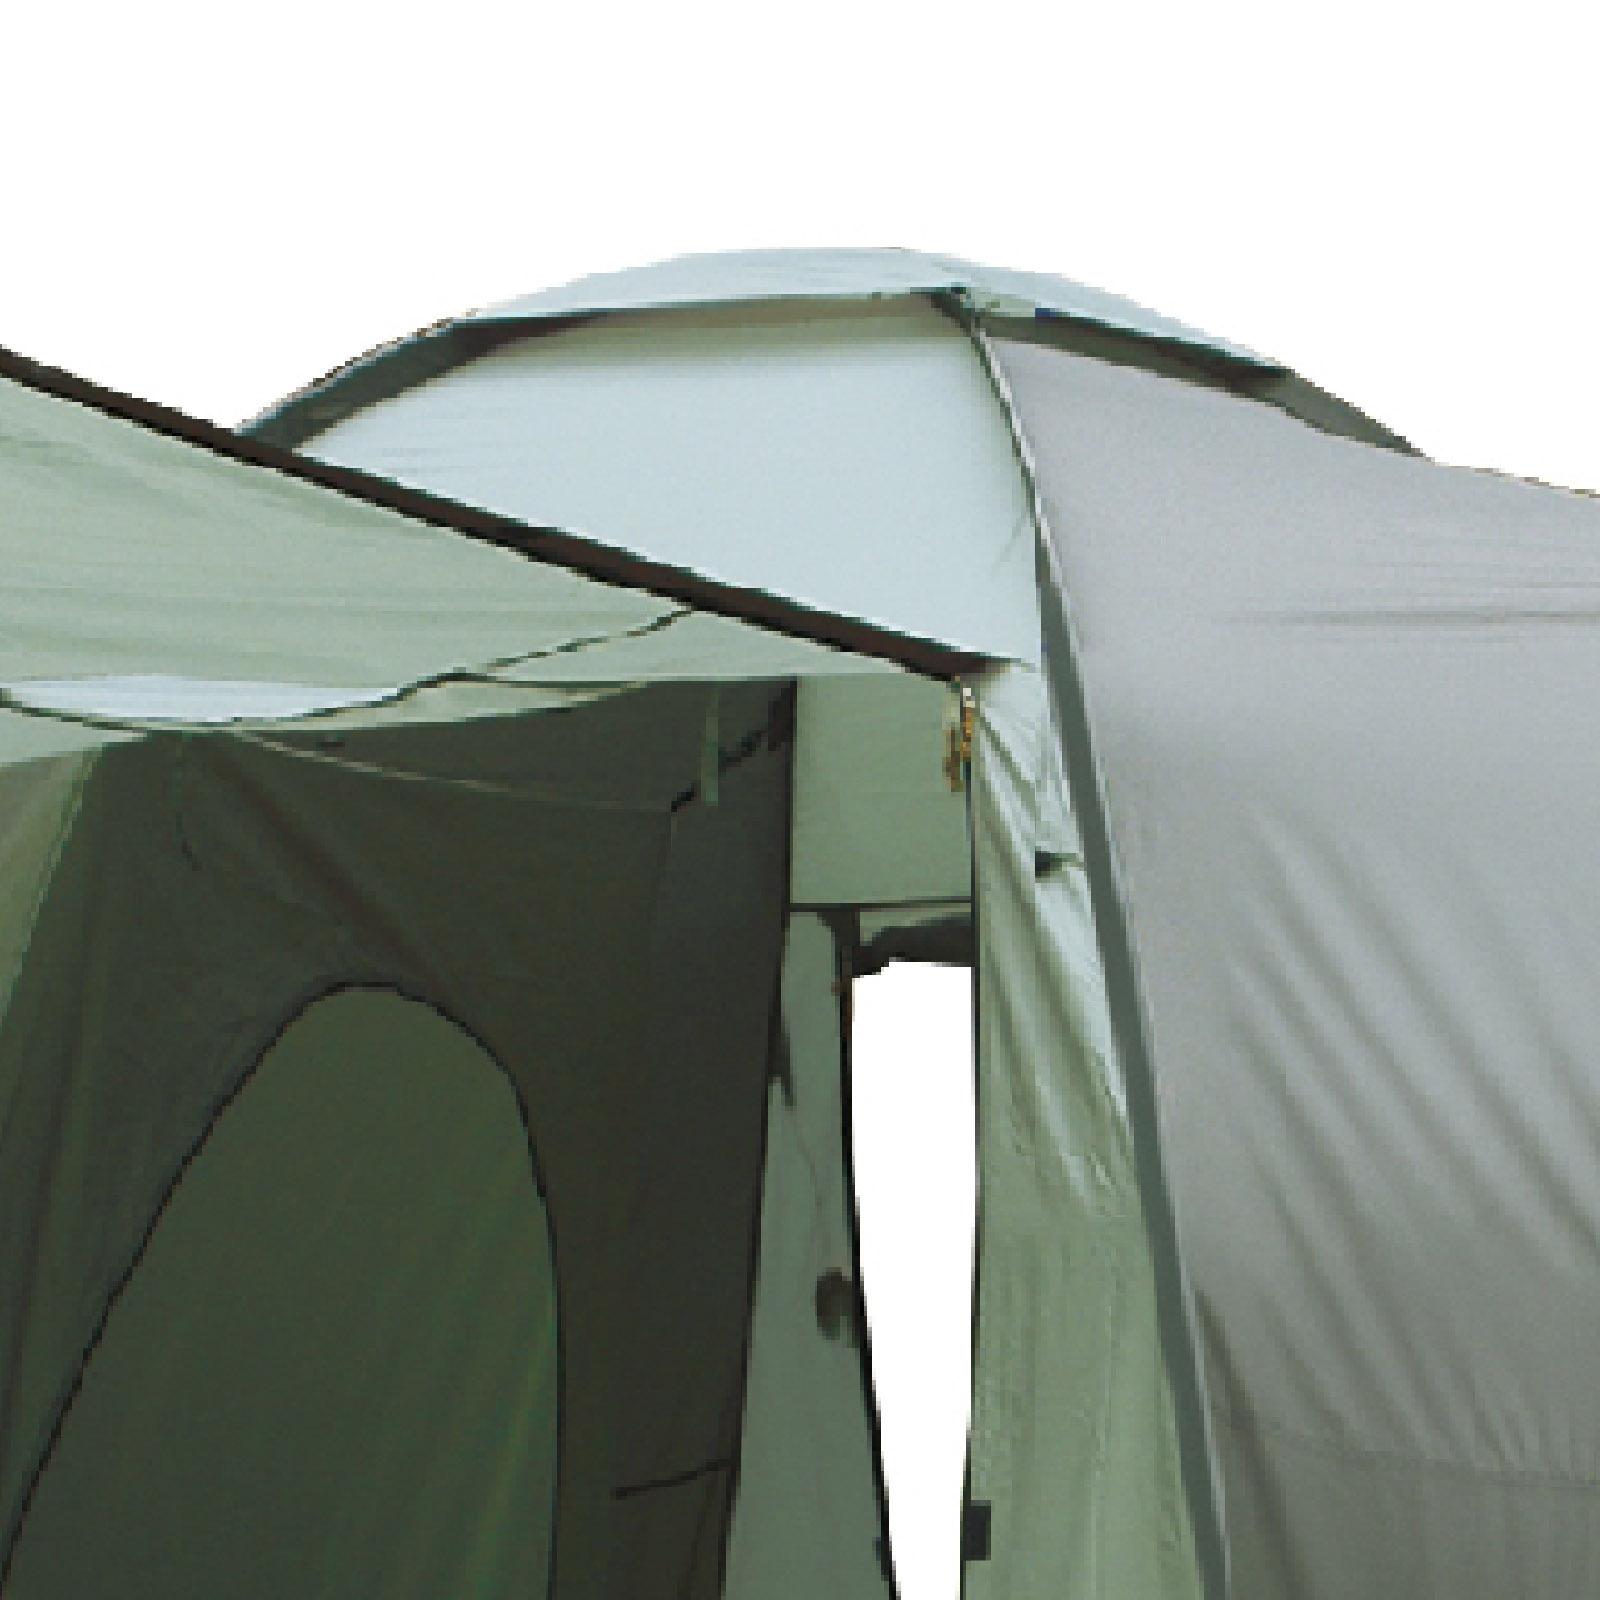 zelt 4 personen high peak como 4 mann familienzelt tunnel camping iglu zelt 4 5 ebay. Black Bedroom Furniture Sets. Home Design Ideas